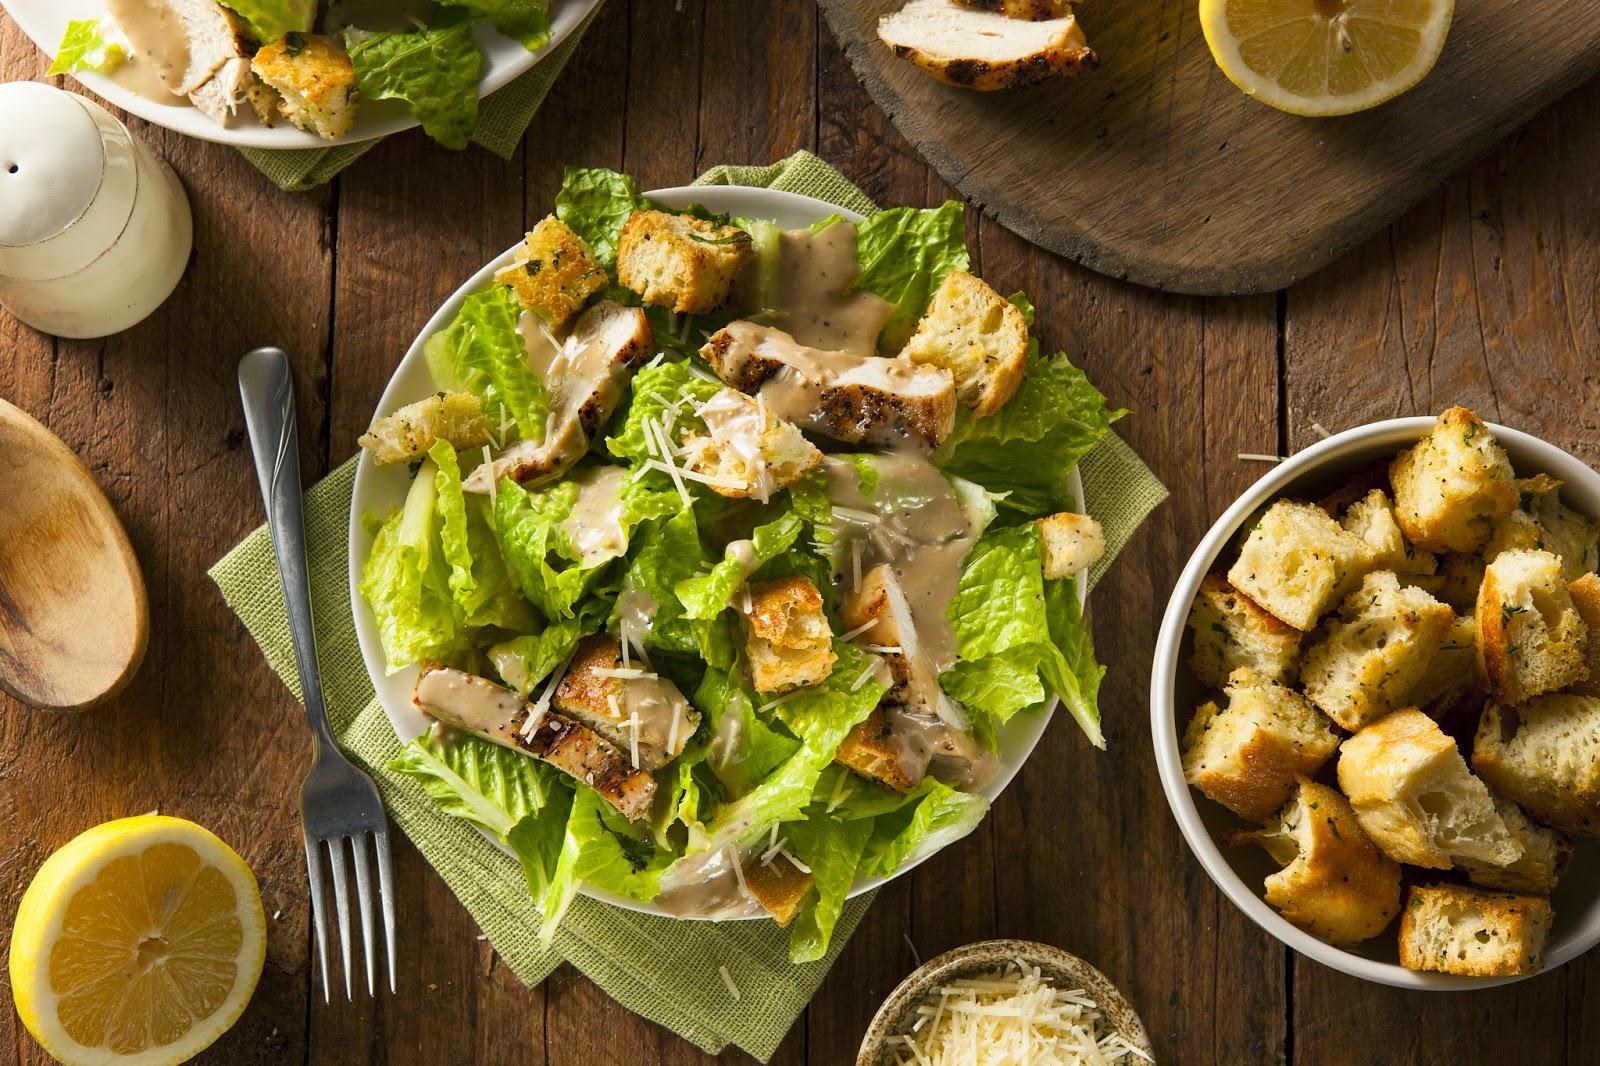 Gezonde Caesar salade met hennepzaad, hennepzaadolie en zelfgemaakte croutons                    Hennepzaad & Hennepzaadolie